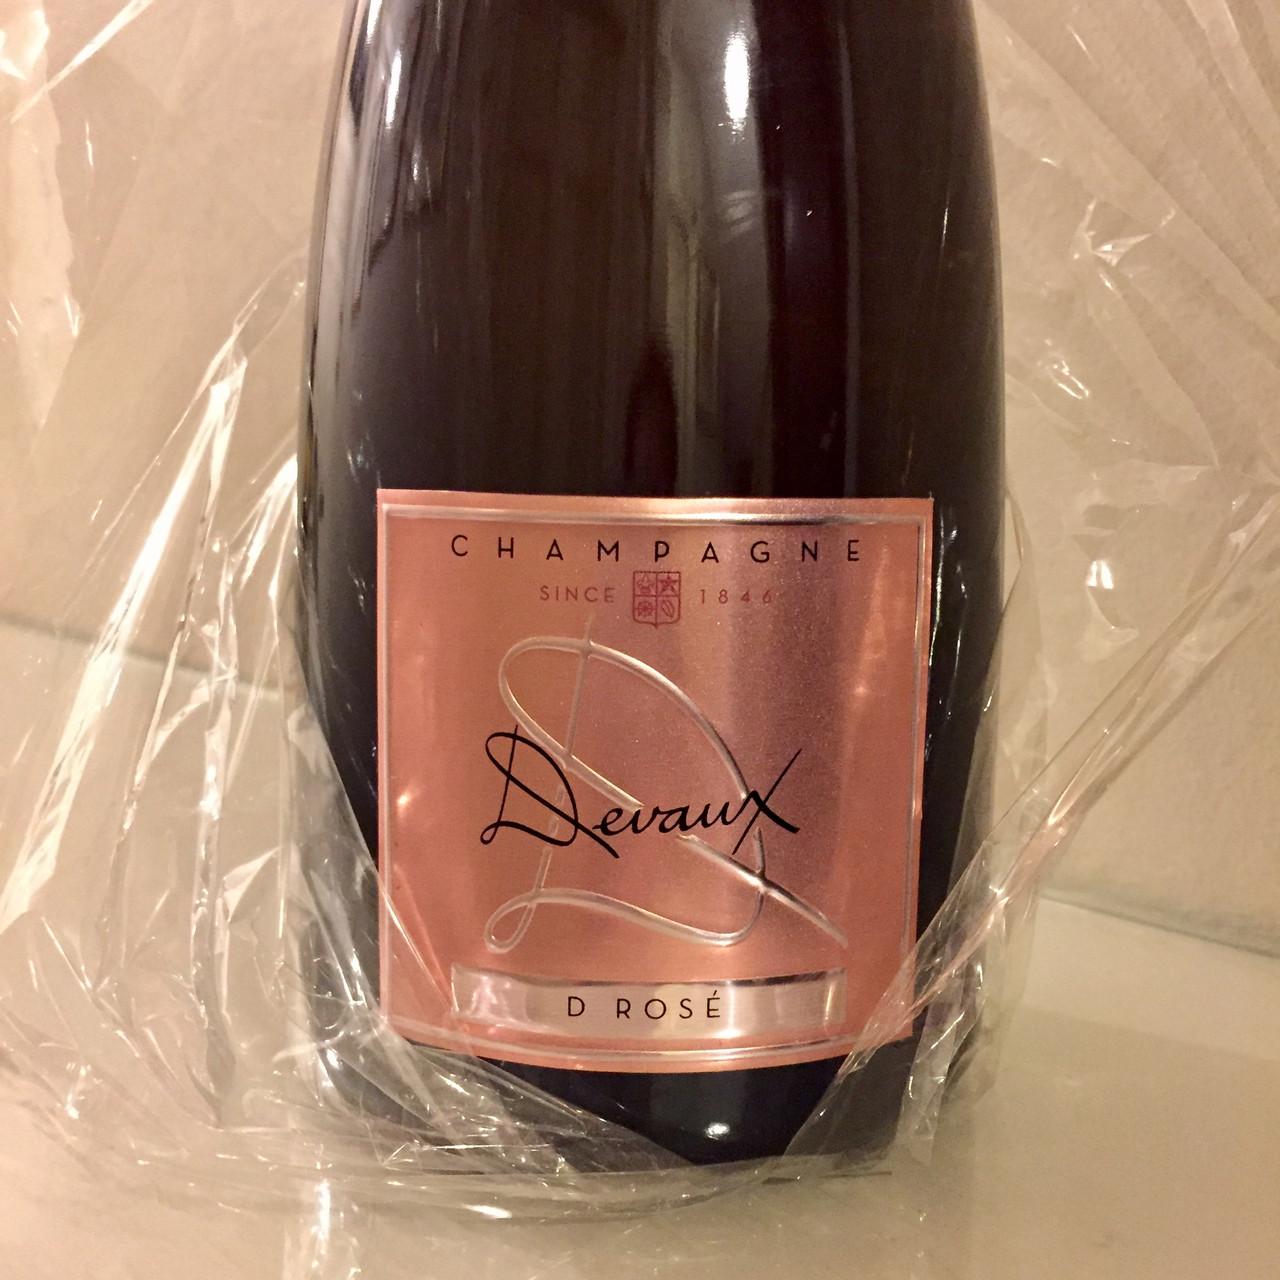 Devaux D Rosé and Moët et Chandon vintage 2009 Champagne